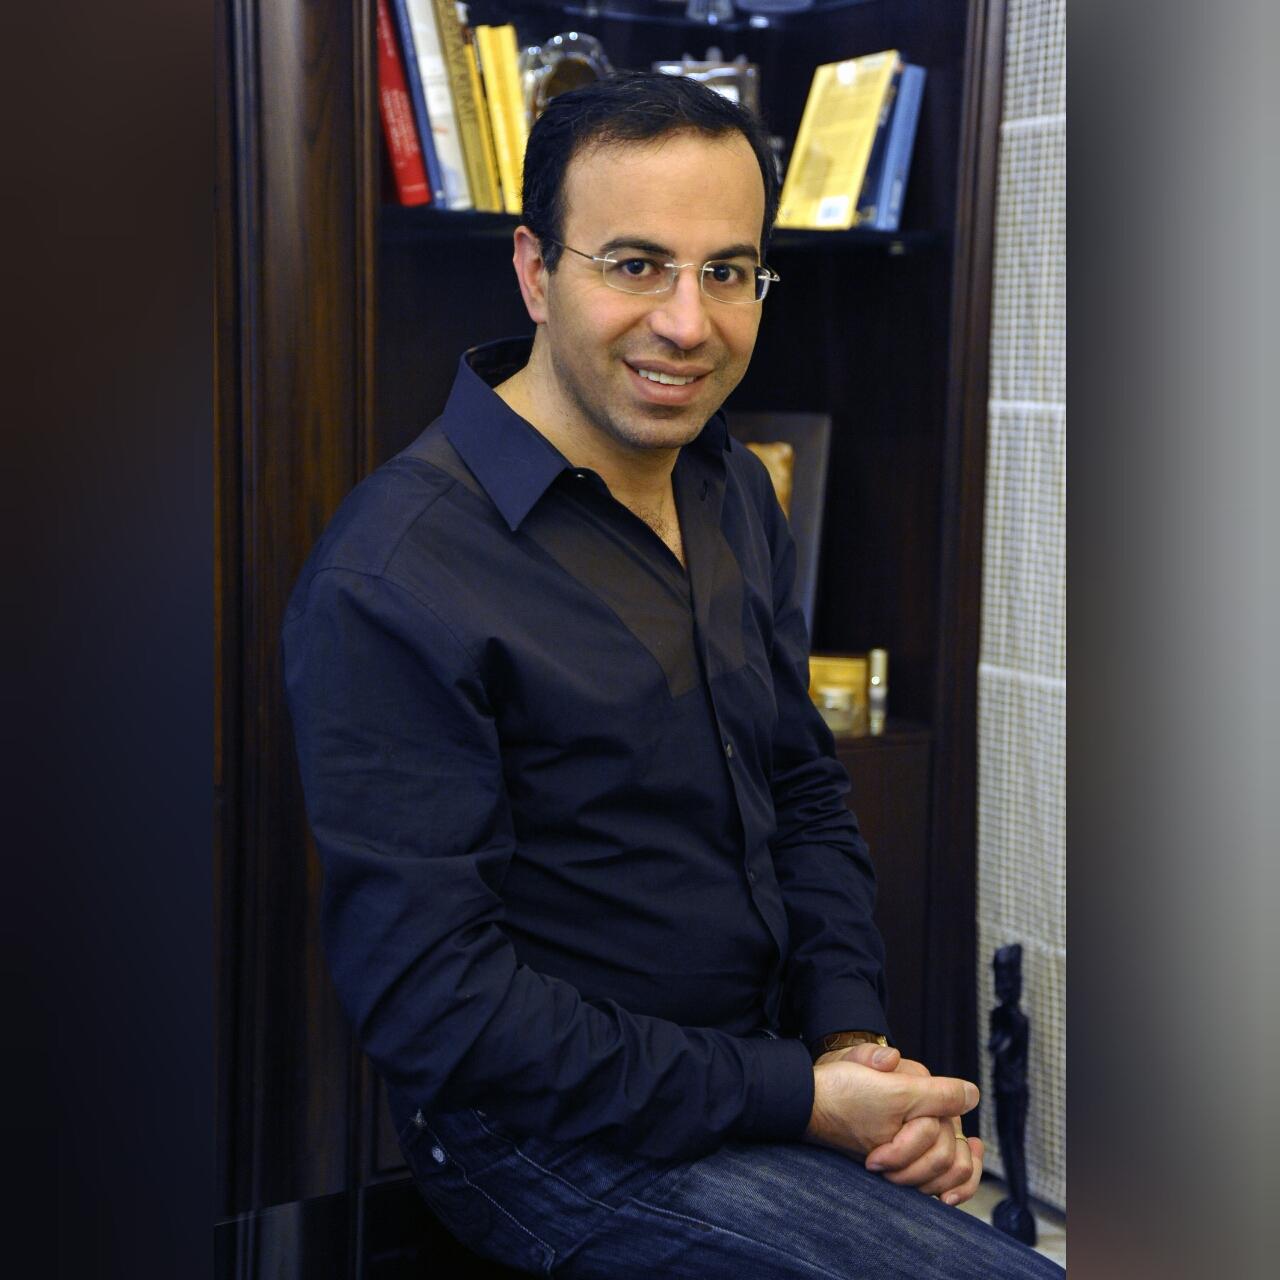 صورة د. نادر صعب يفتتح أضخم مستشفى تجميليّ يحمل اسمه في دبي